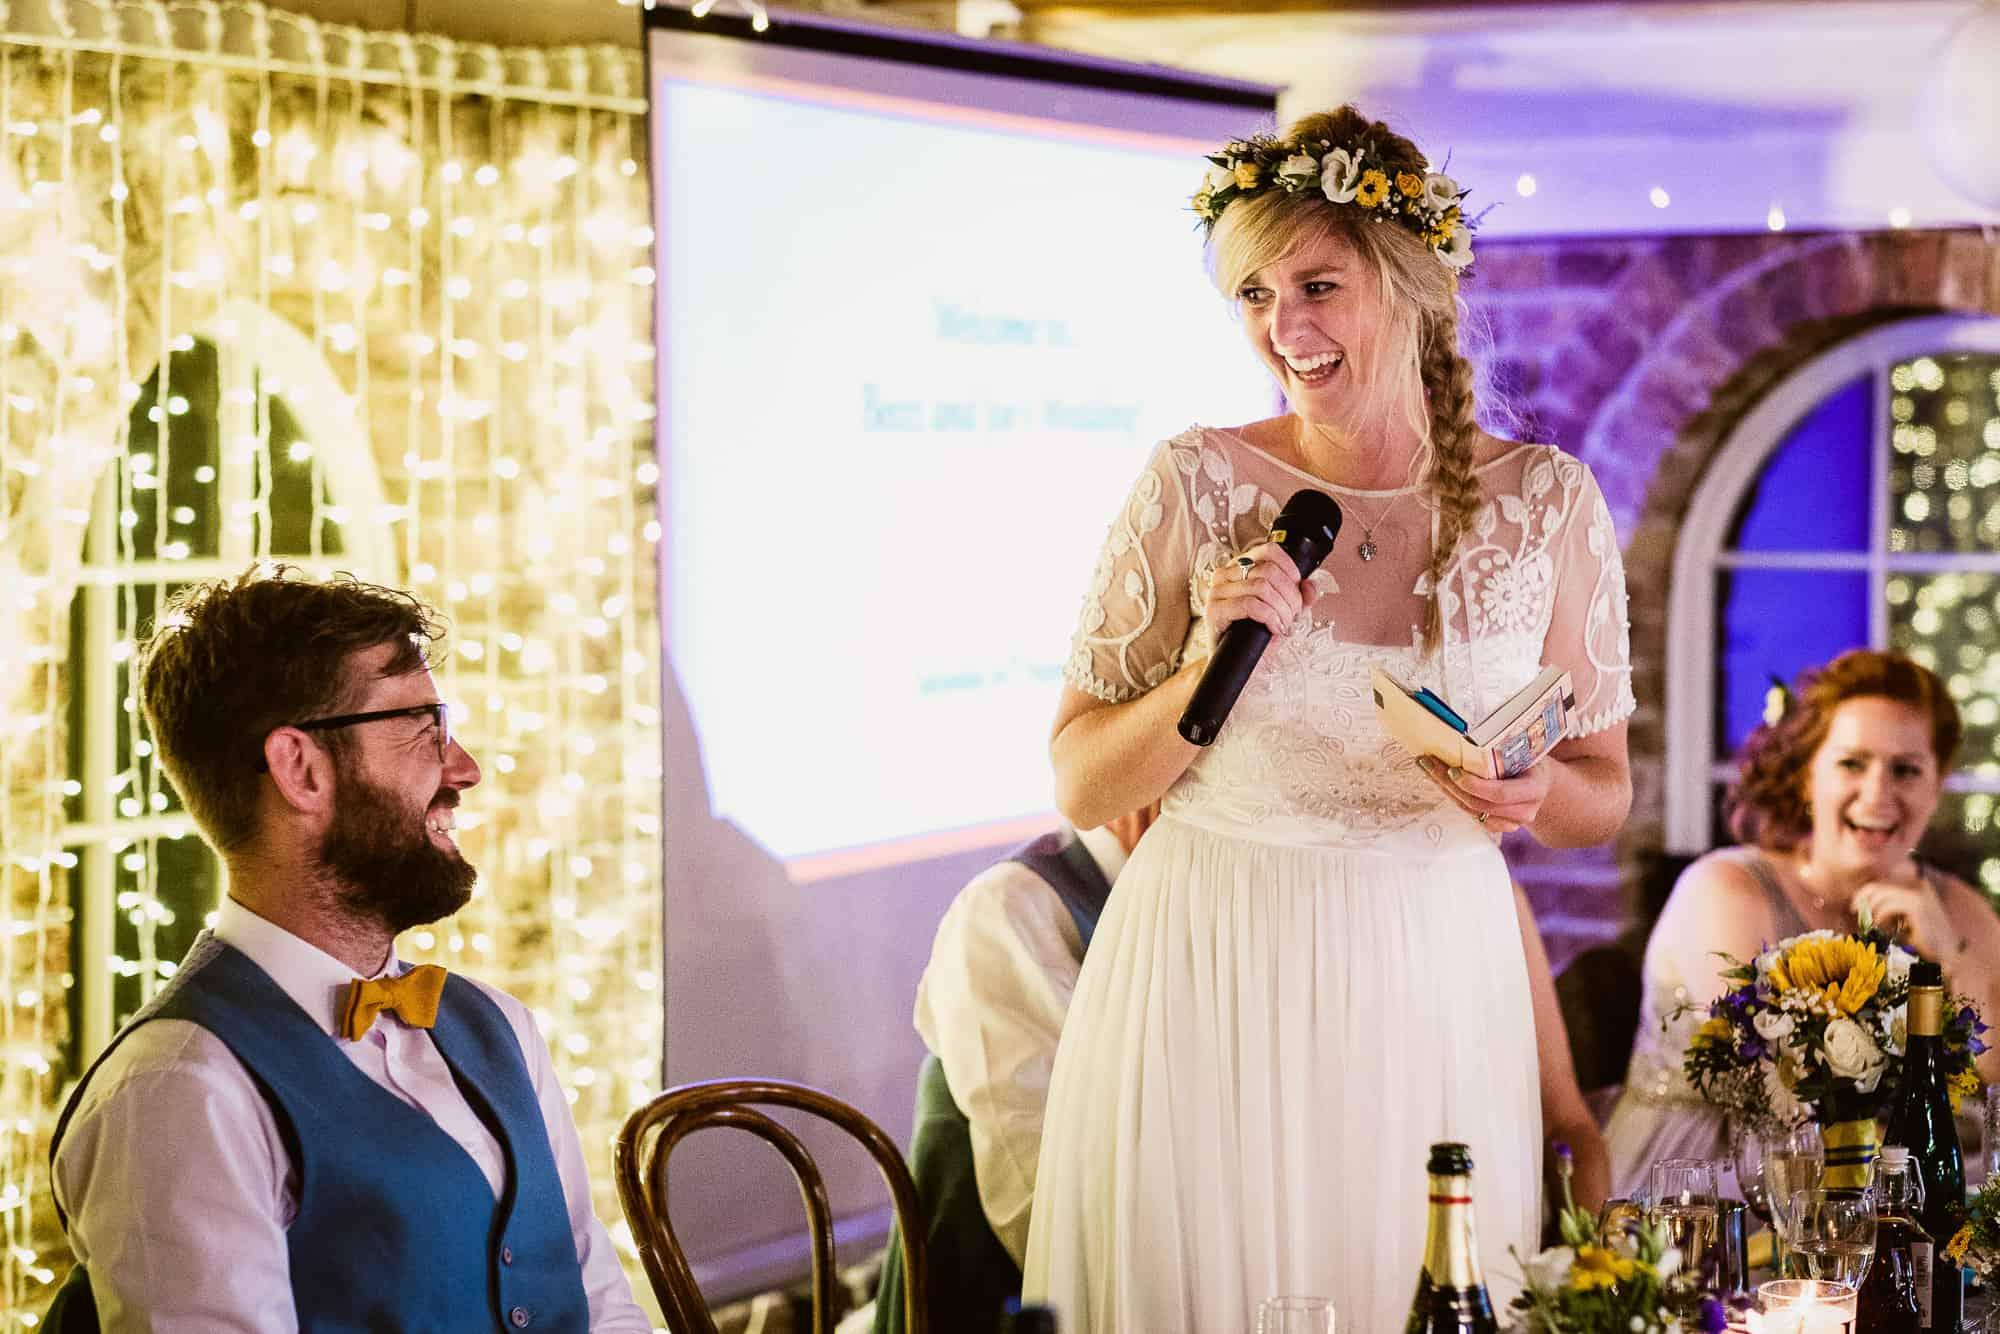 east-quay-wedding-photography-matt-tyler-0059